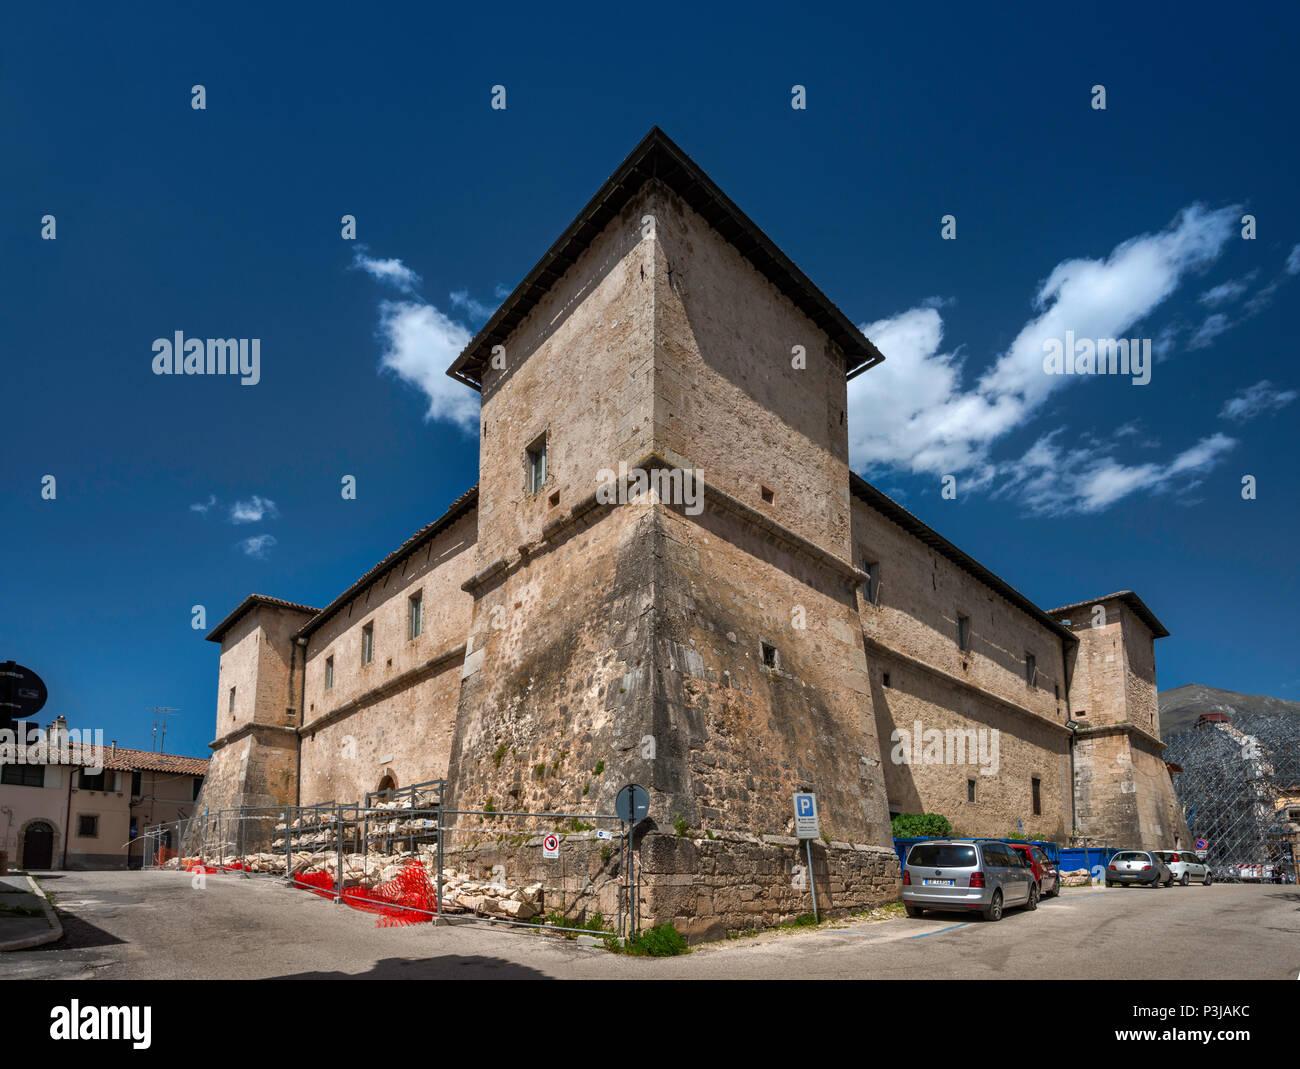 Castellina, forteresse du 16ème siècle, les tremblements de terre en intact après octobre 2016, dans la région de Norcia, Ombrie, Italie Photo Stock